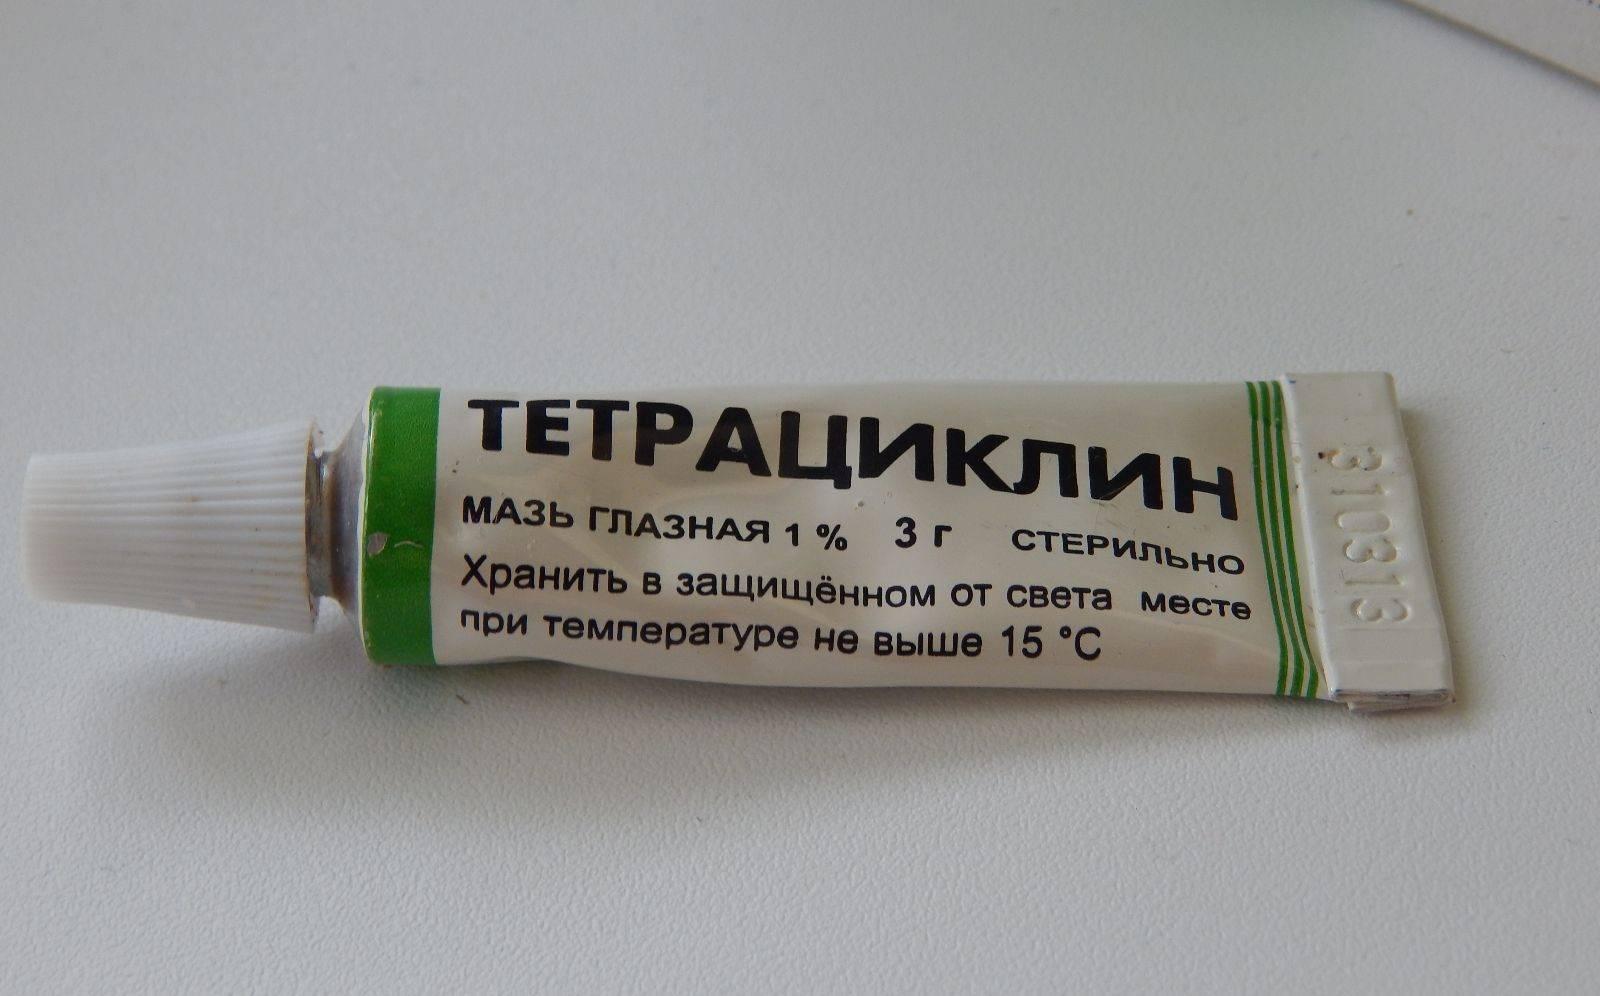 Свойства тетрациклиновой мази и состав, показания к применению